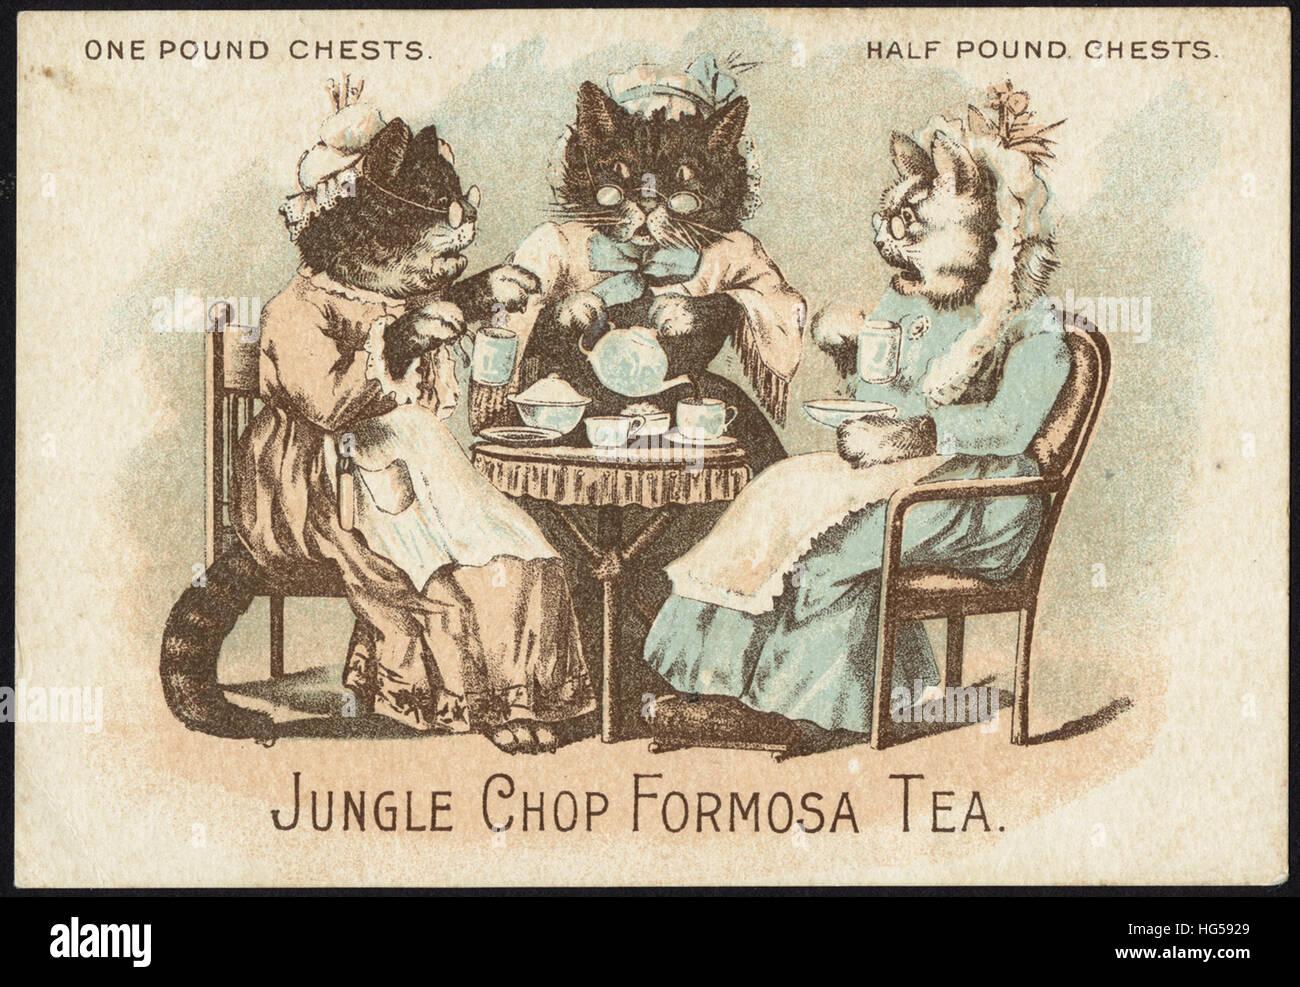 Getränke Handel Karten - ein Pfund Truhen. Halbes Pfund Truhen. Dschungel-Chop Formosa-Tee. Stockbild